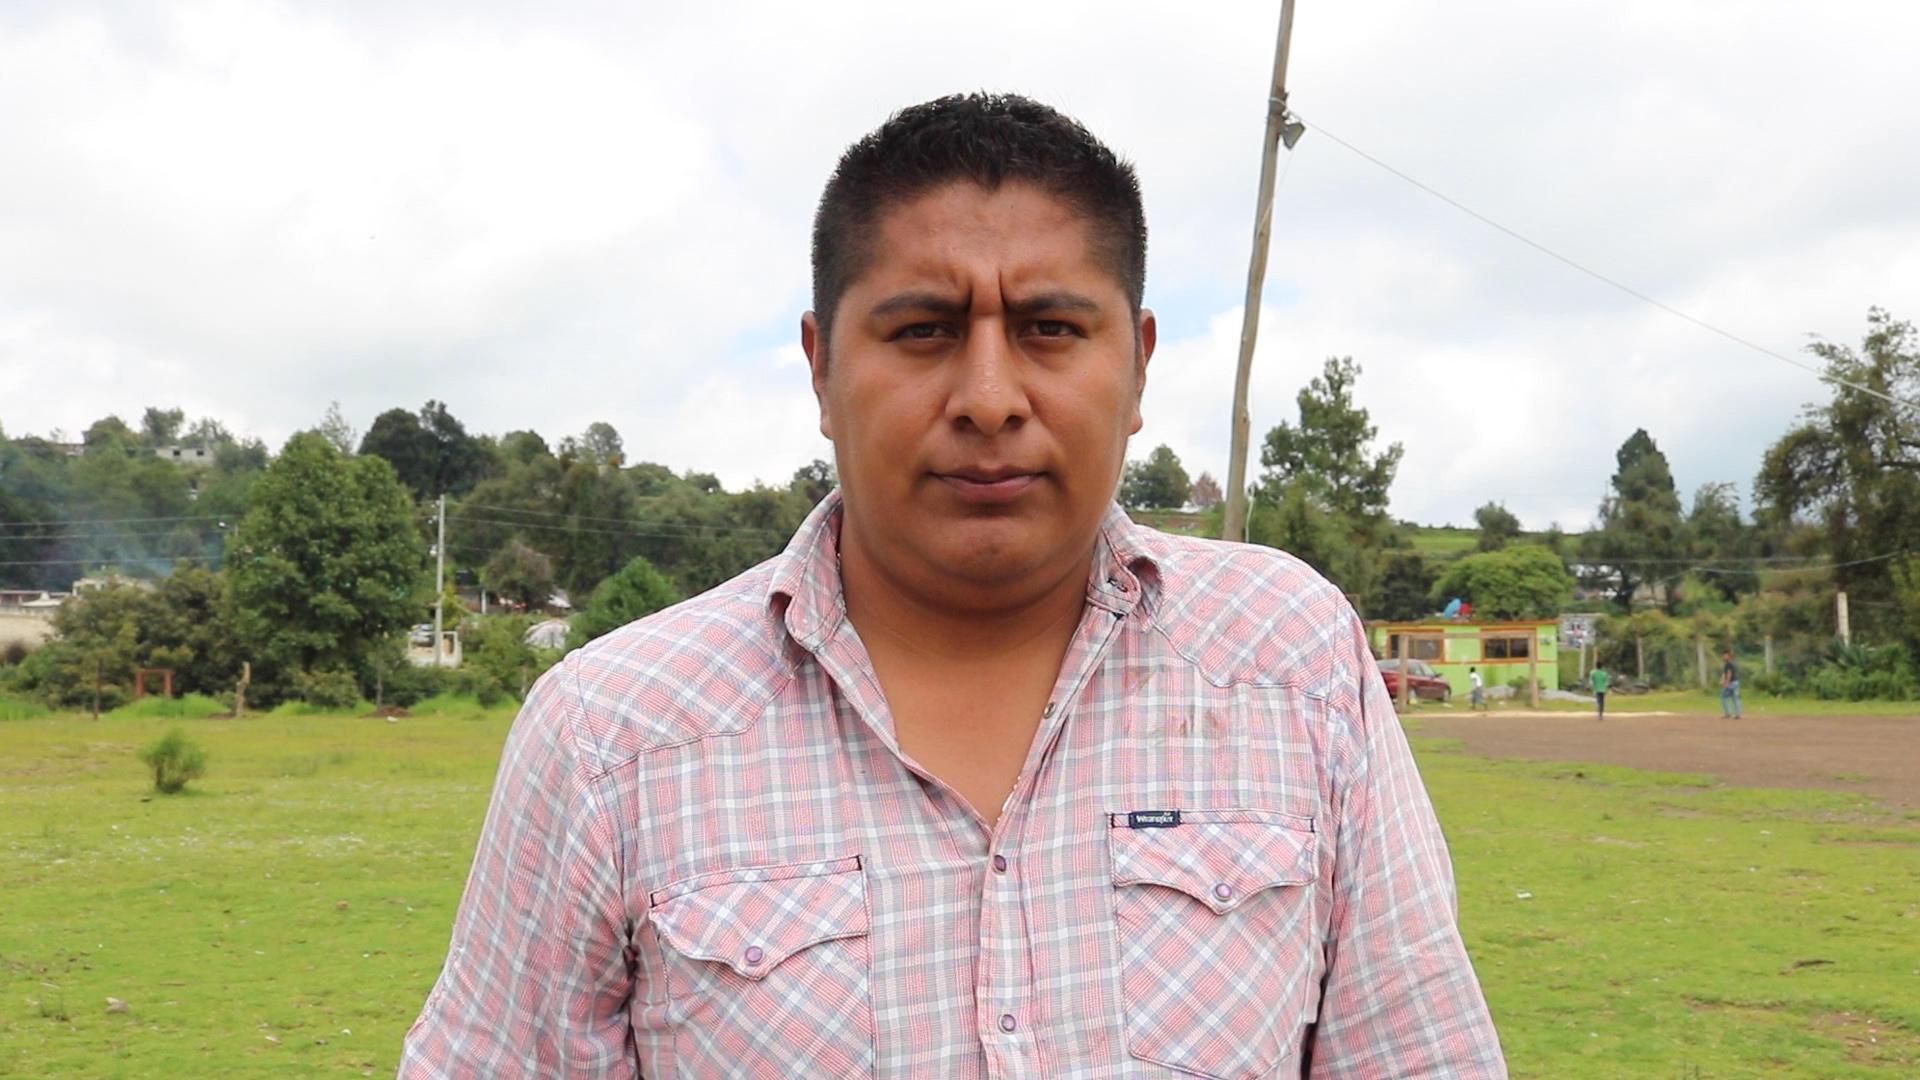 Misael Zamora, perseguido por proteger el bosque en Estado de México